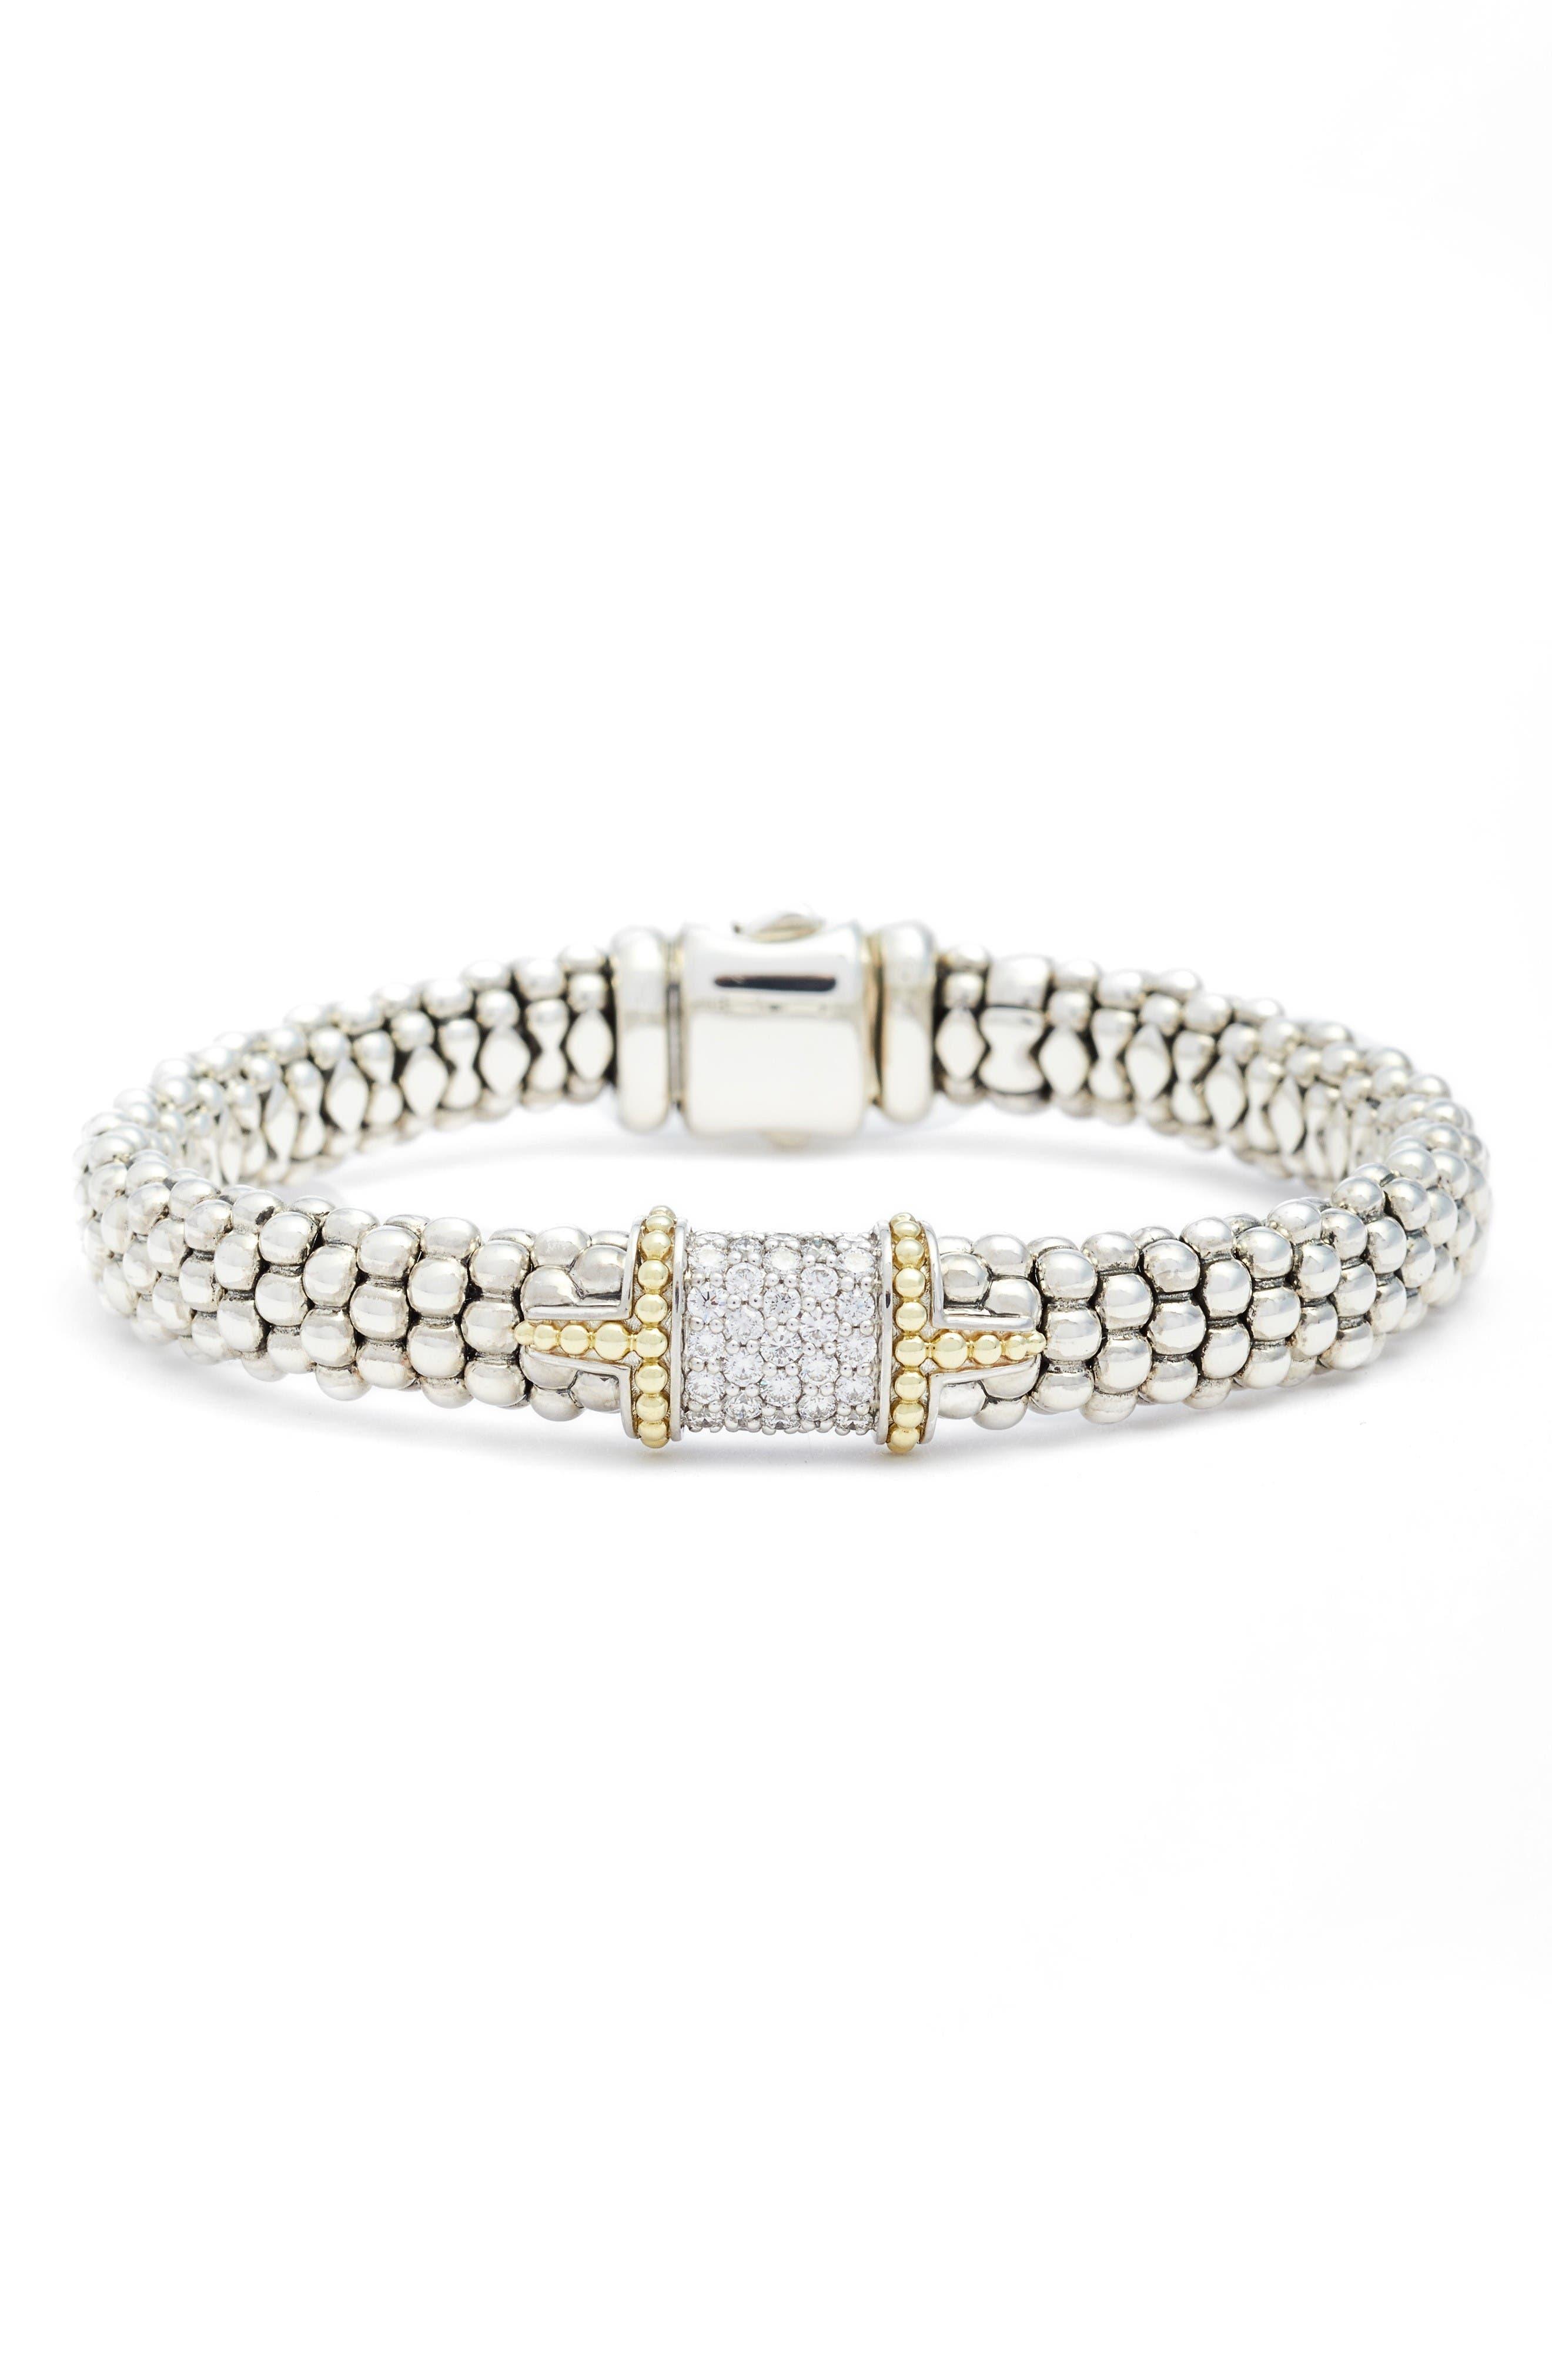 Main Image - LAGOS Diamond & Caviar Square Bracelet